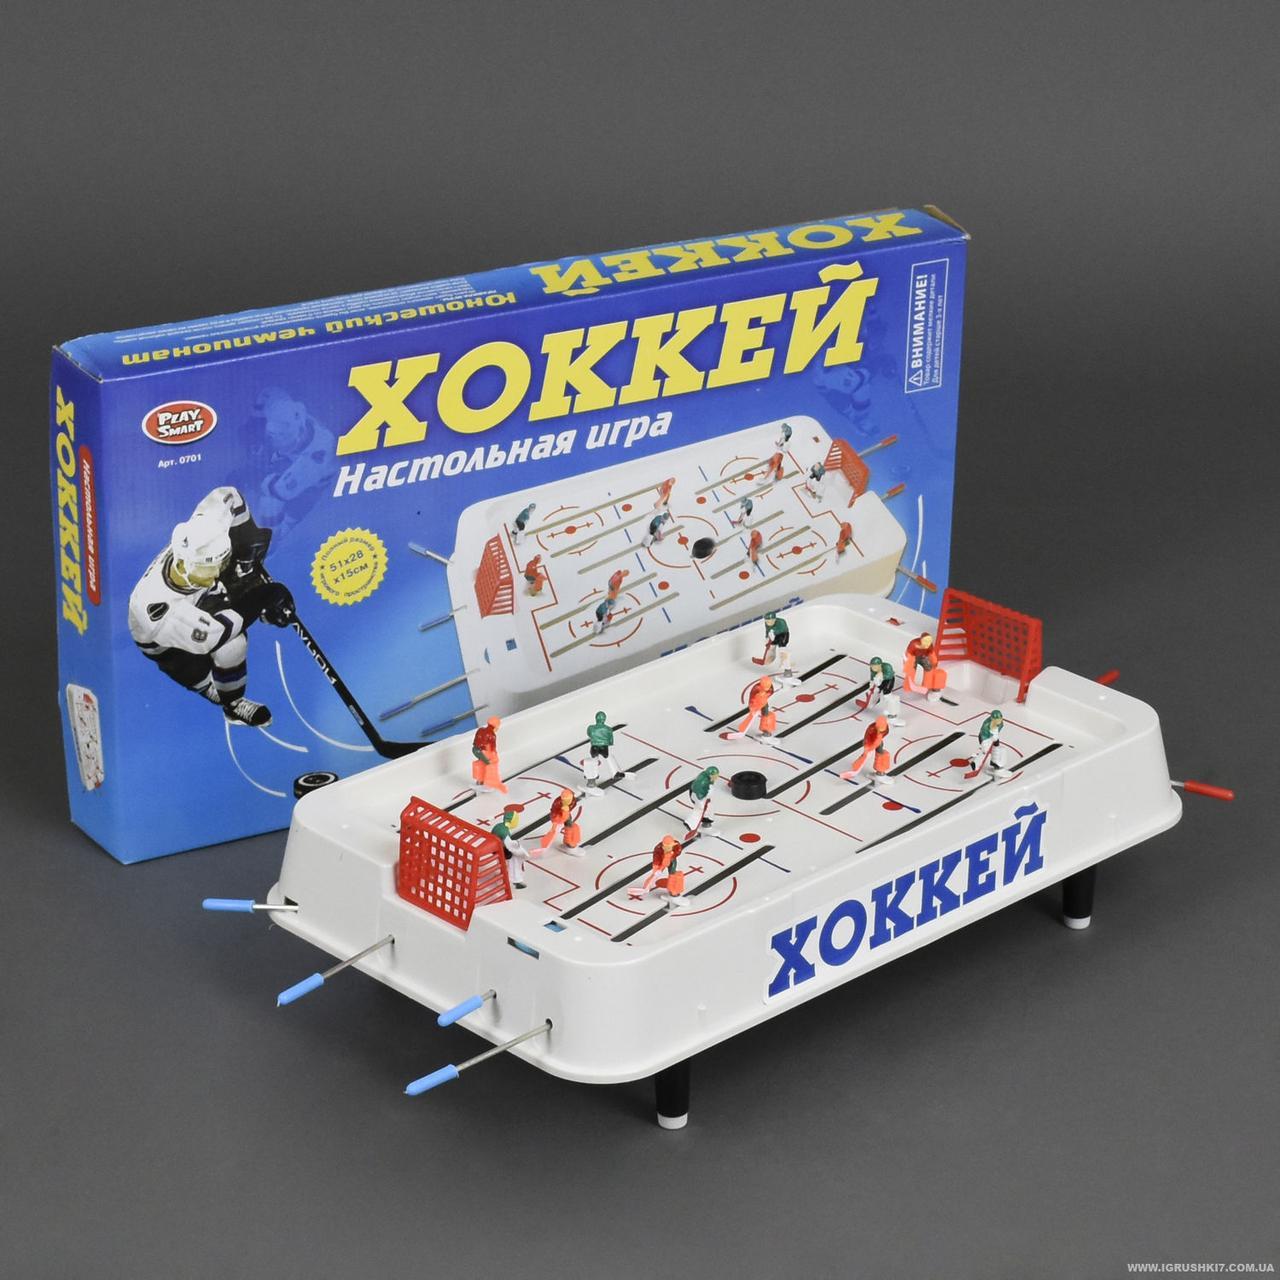 Настольный Хоккей игра для дома TOY